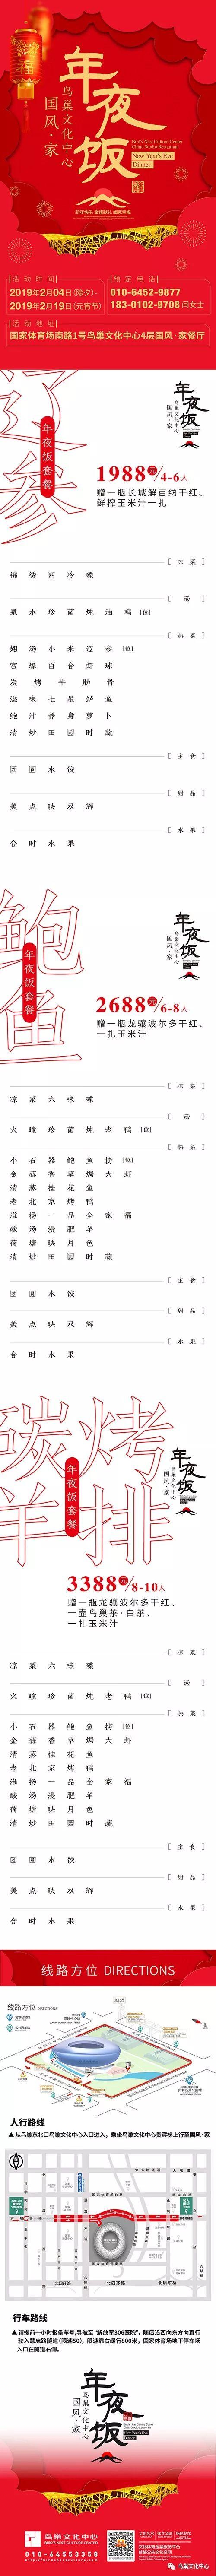 2019北京特色年夜饭推荐汇总(价格 菜单 地址)